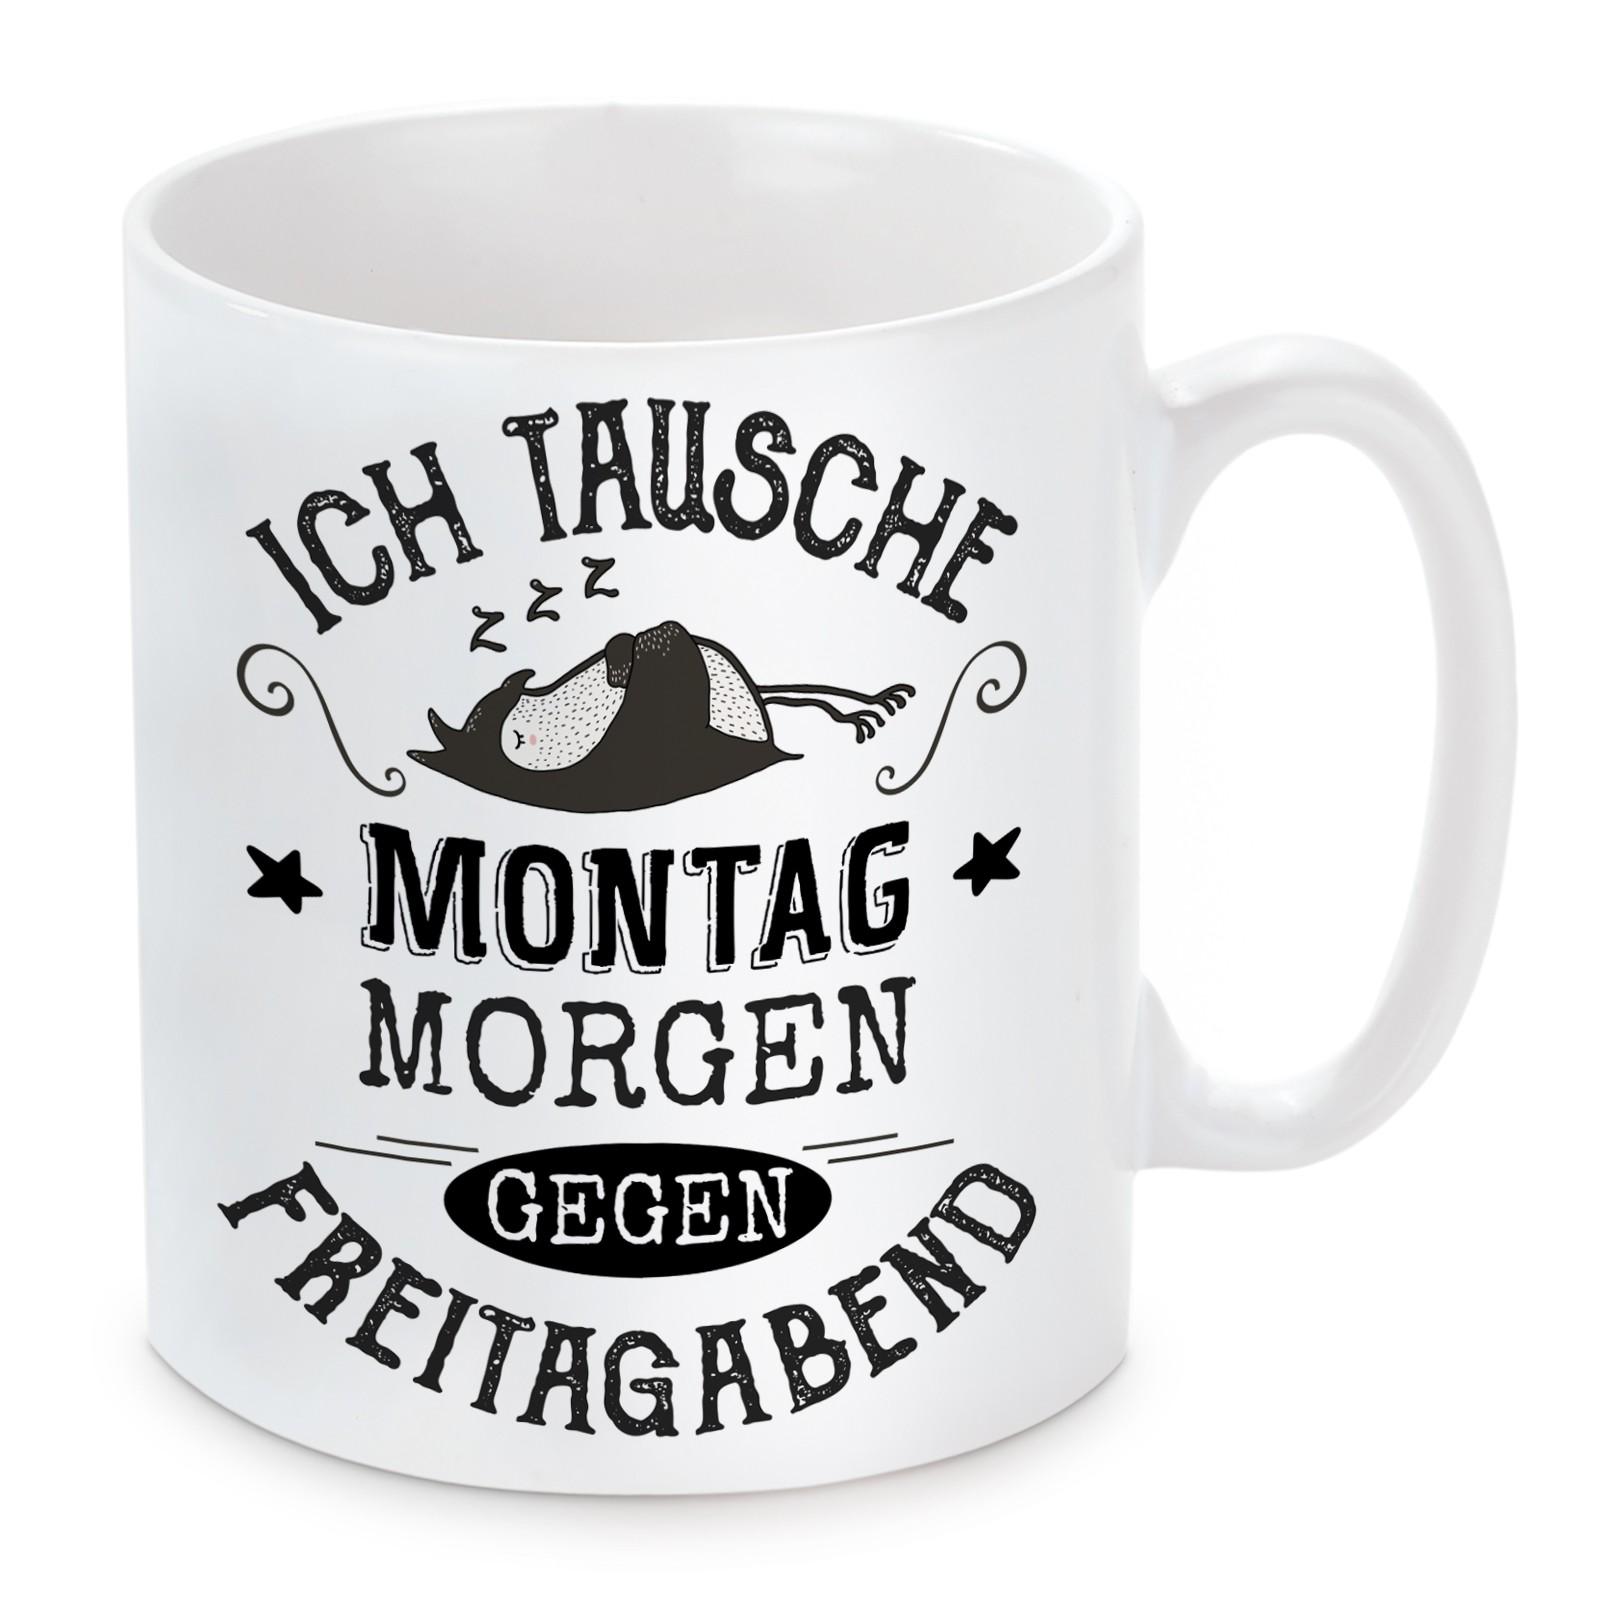 Tasse Modell: Tausche Montagmorgen gegen Freitagabend.